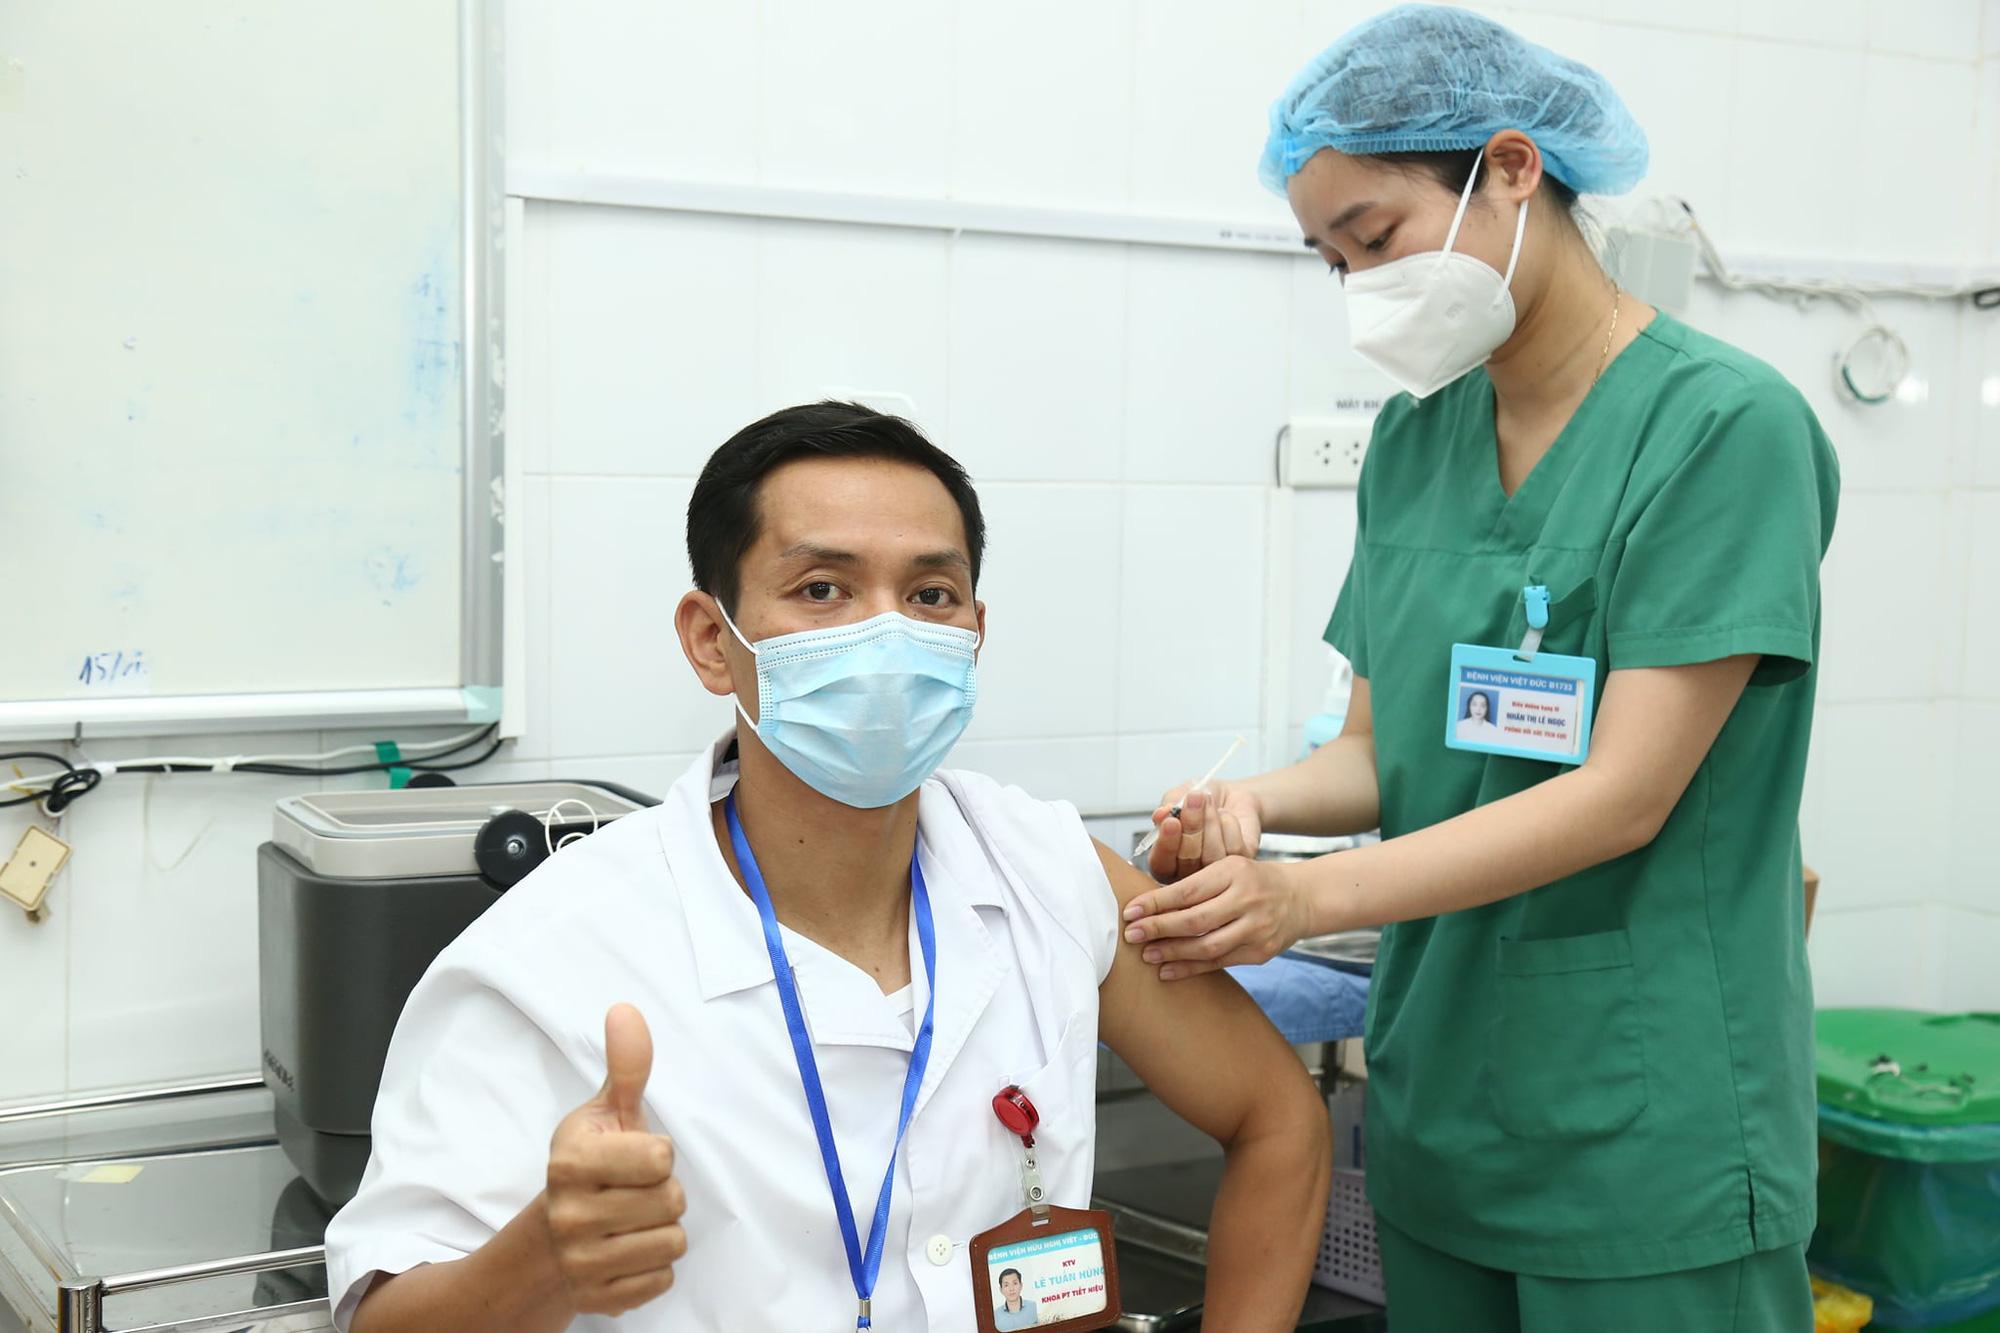 Tốc độ tiêm vắc xin Covid-19 chậm, Bộ Y tế yêu cầu đẩy nhanh - Ảnh 1.